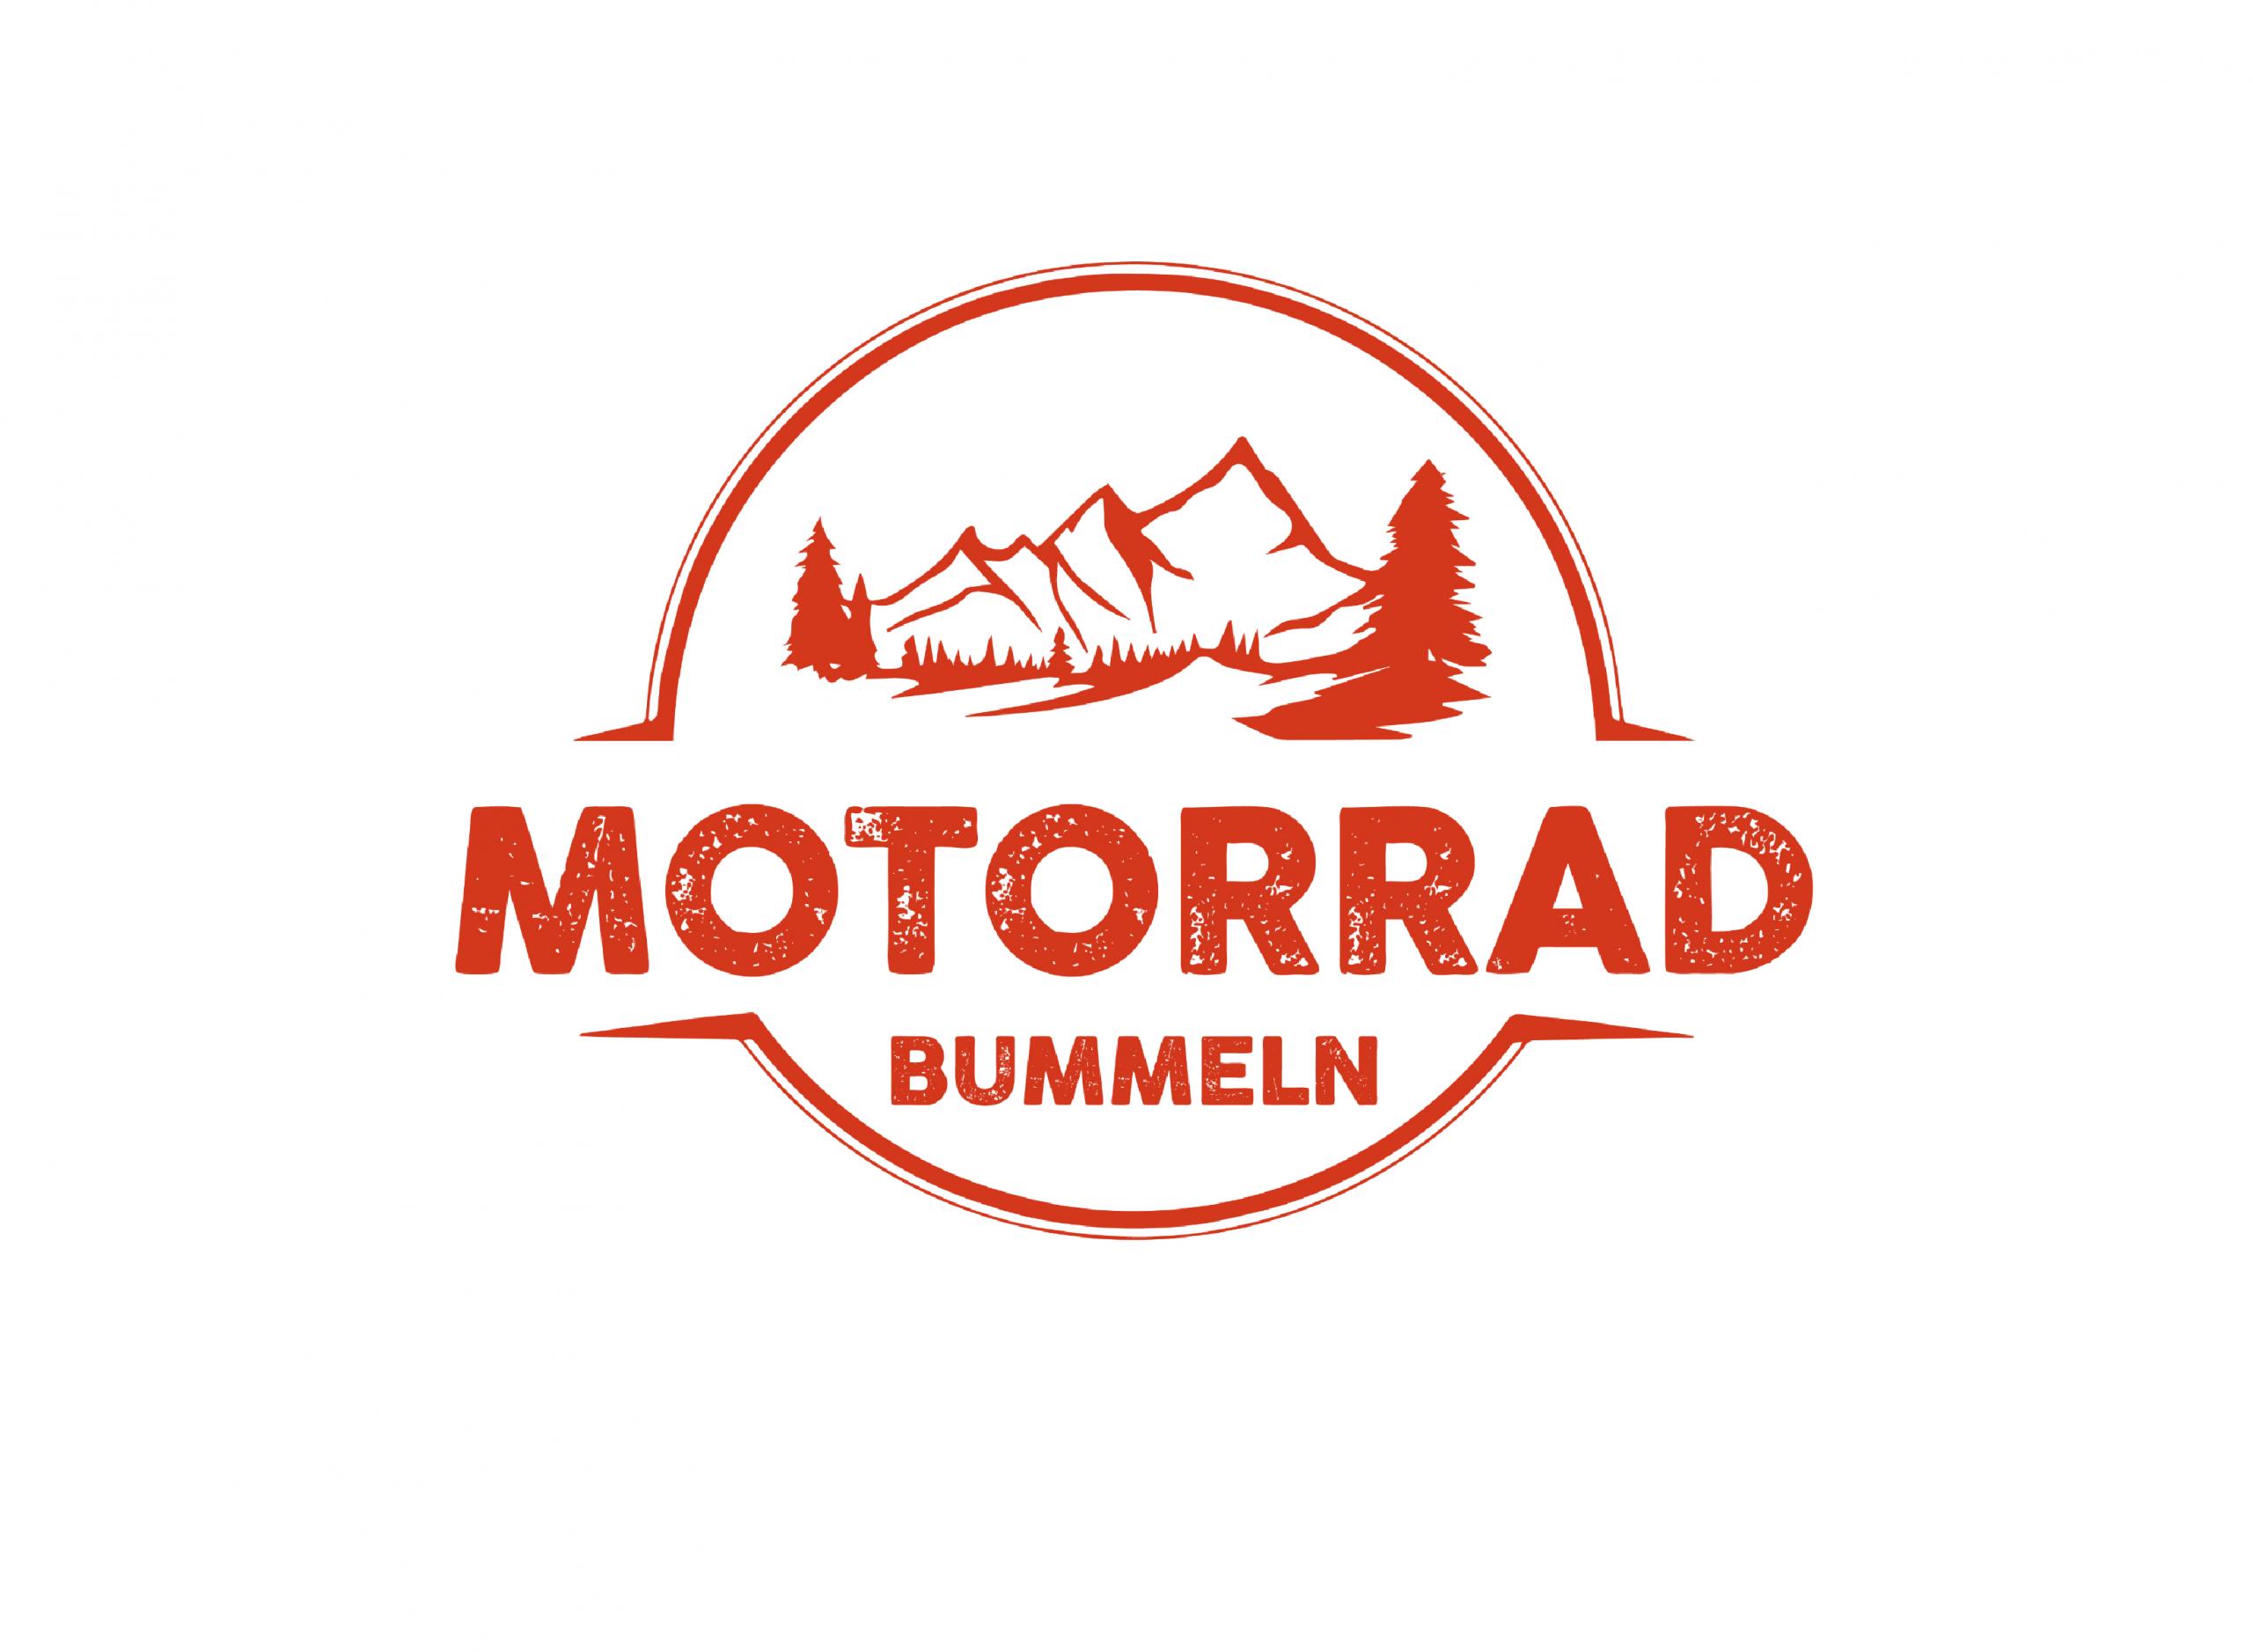 Motorradbummler